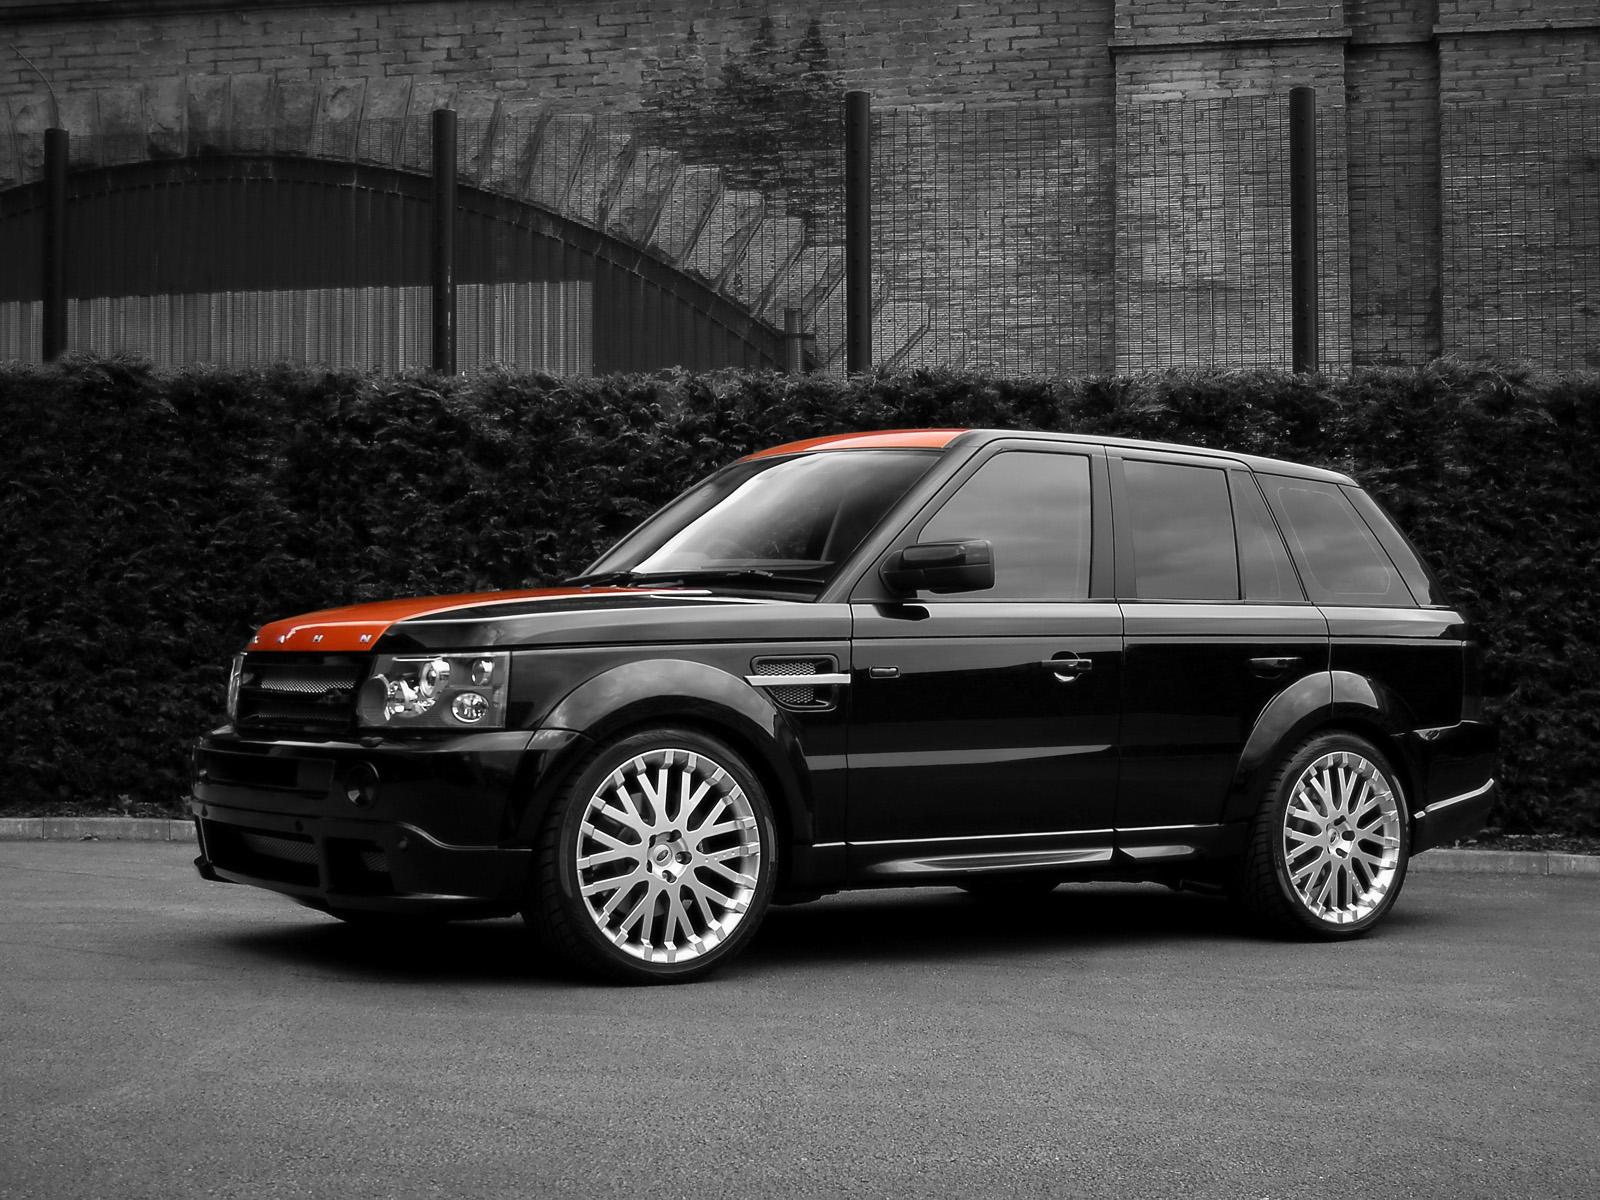 Range Rover Duvarkağıdı And Arka Plan 1600x1200 Id